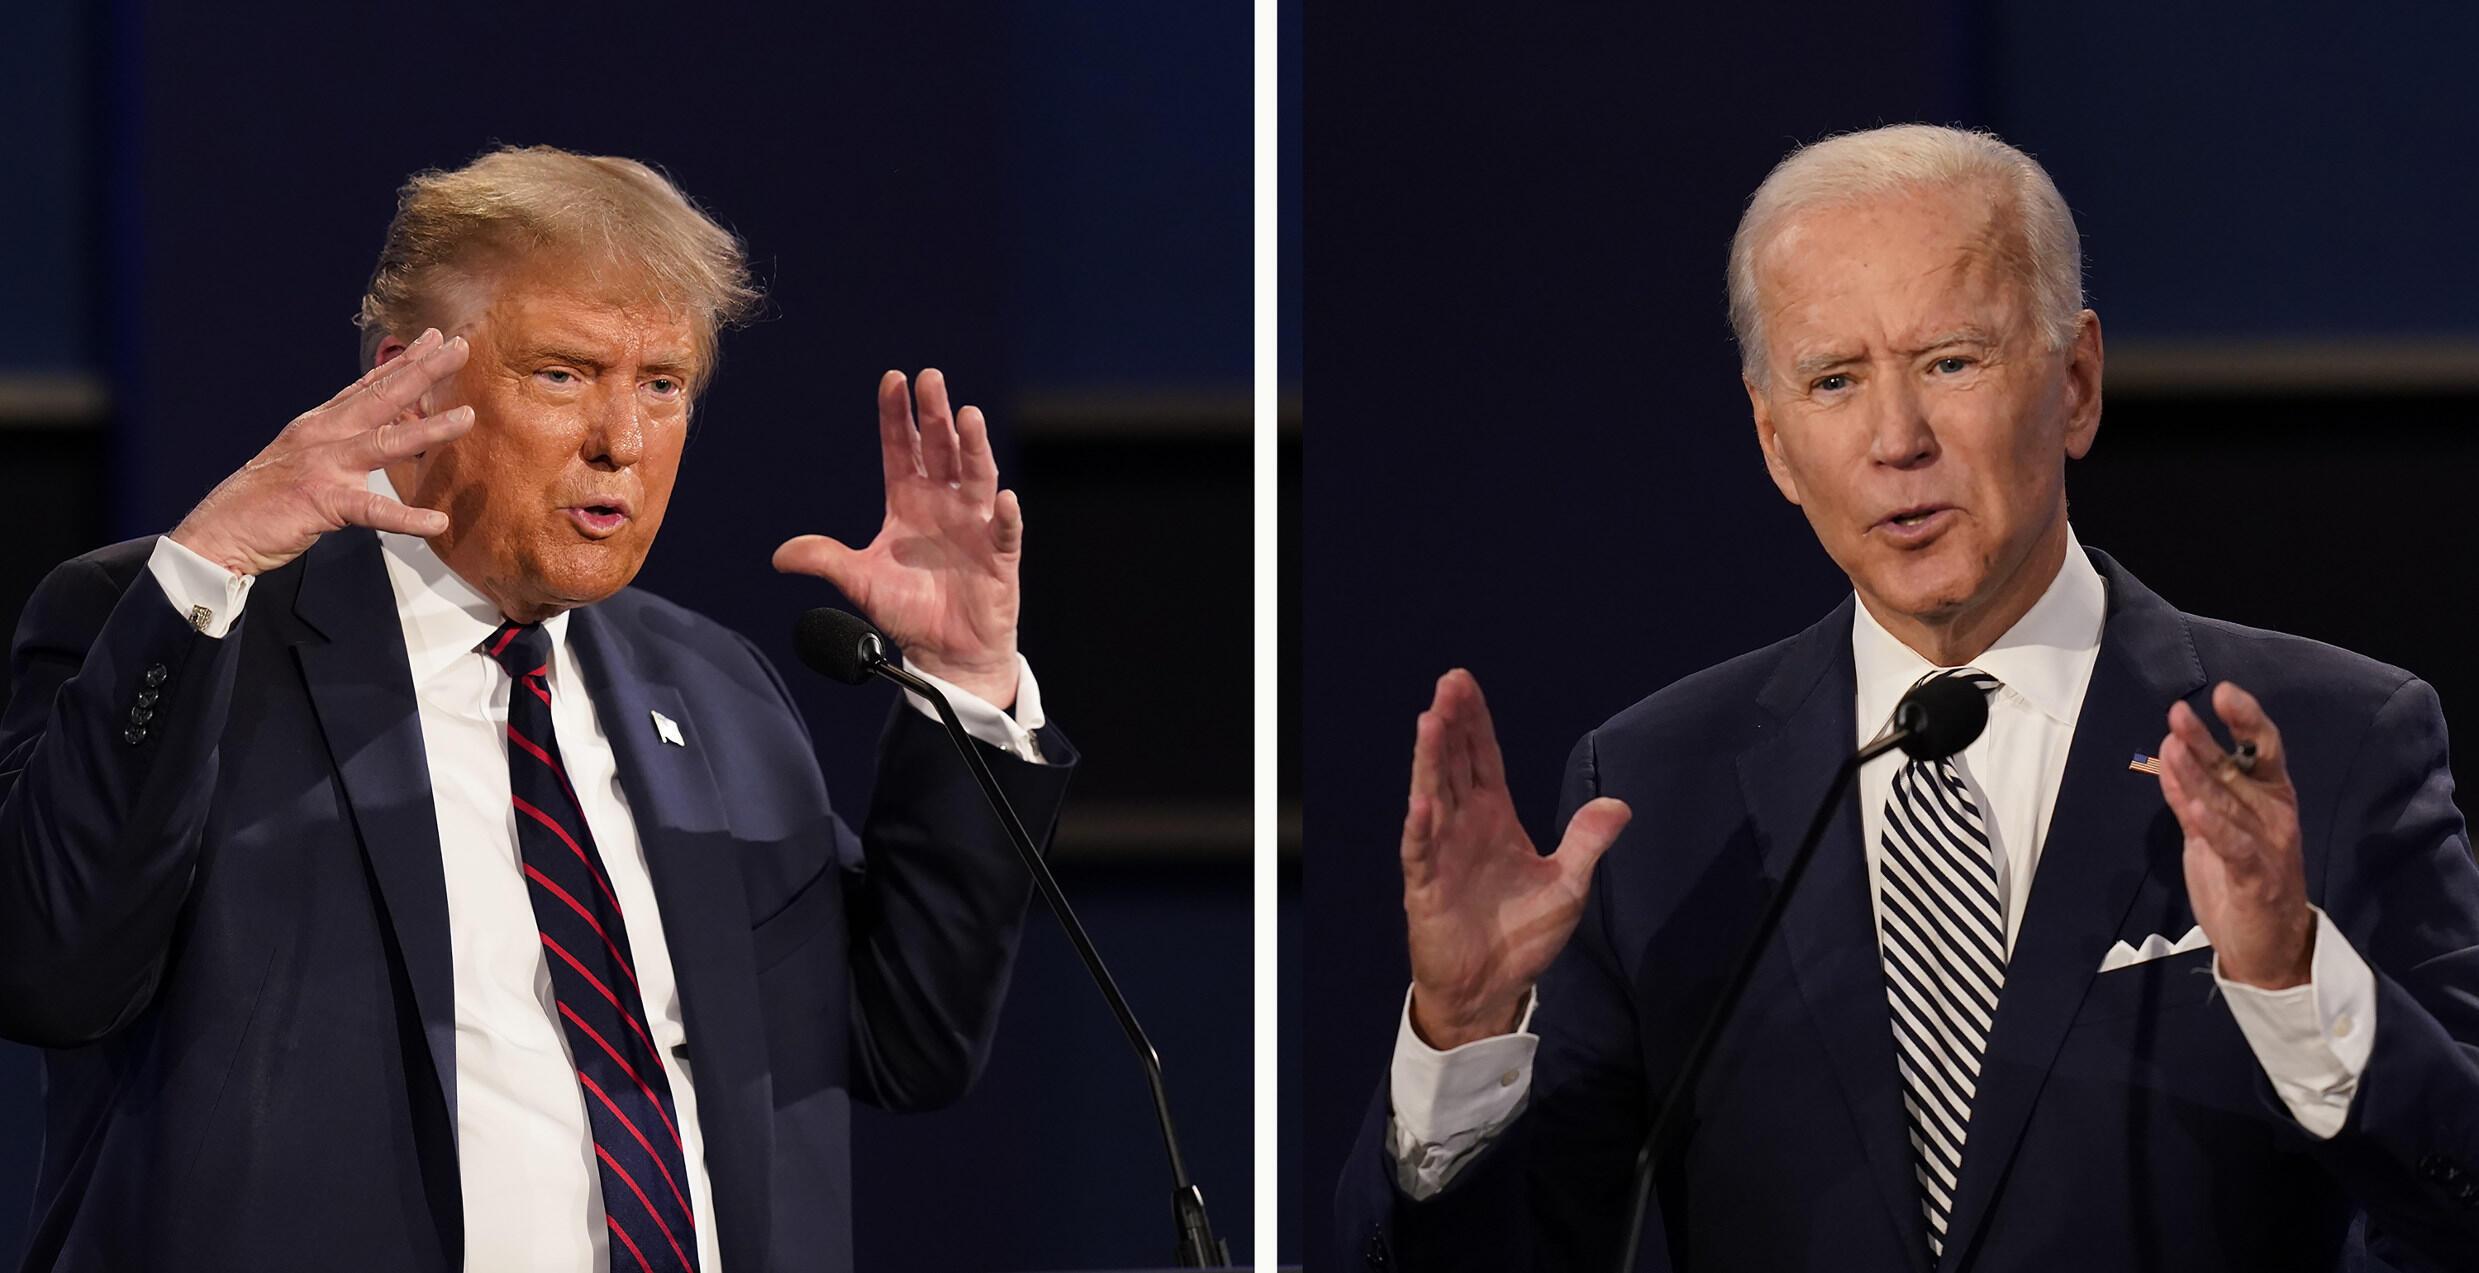 2020年美國總統大選,民主黨候選人拜登(右)挑戰謀求連任的現任總統特朗普。